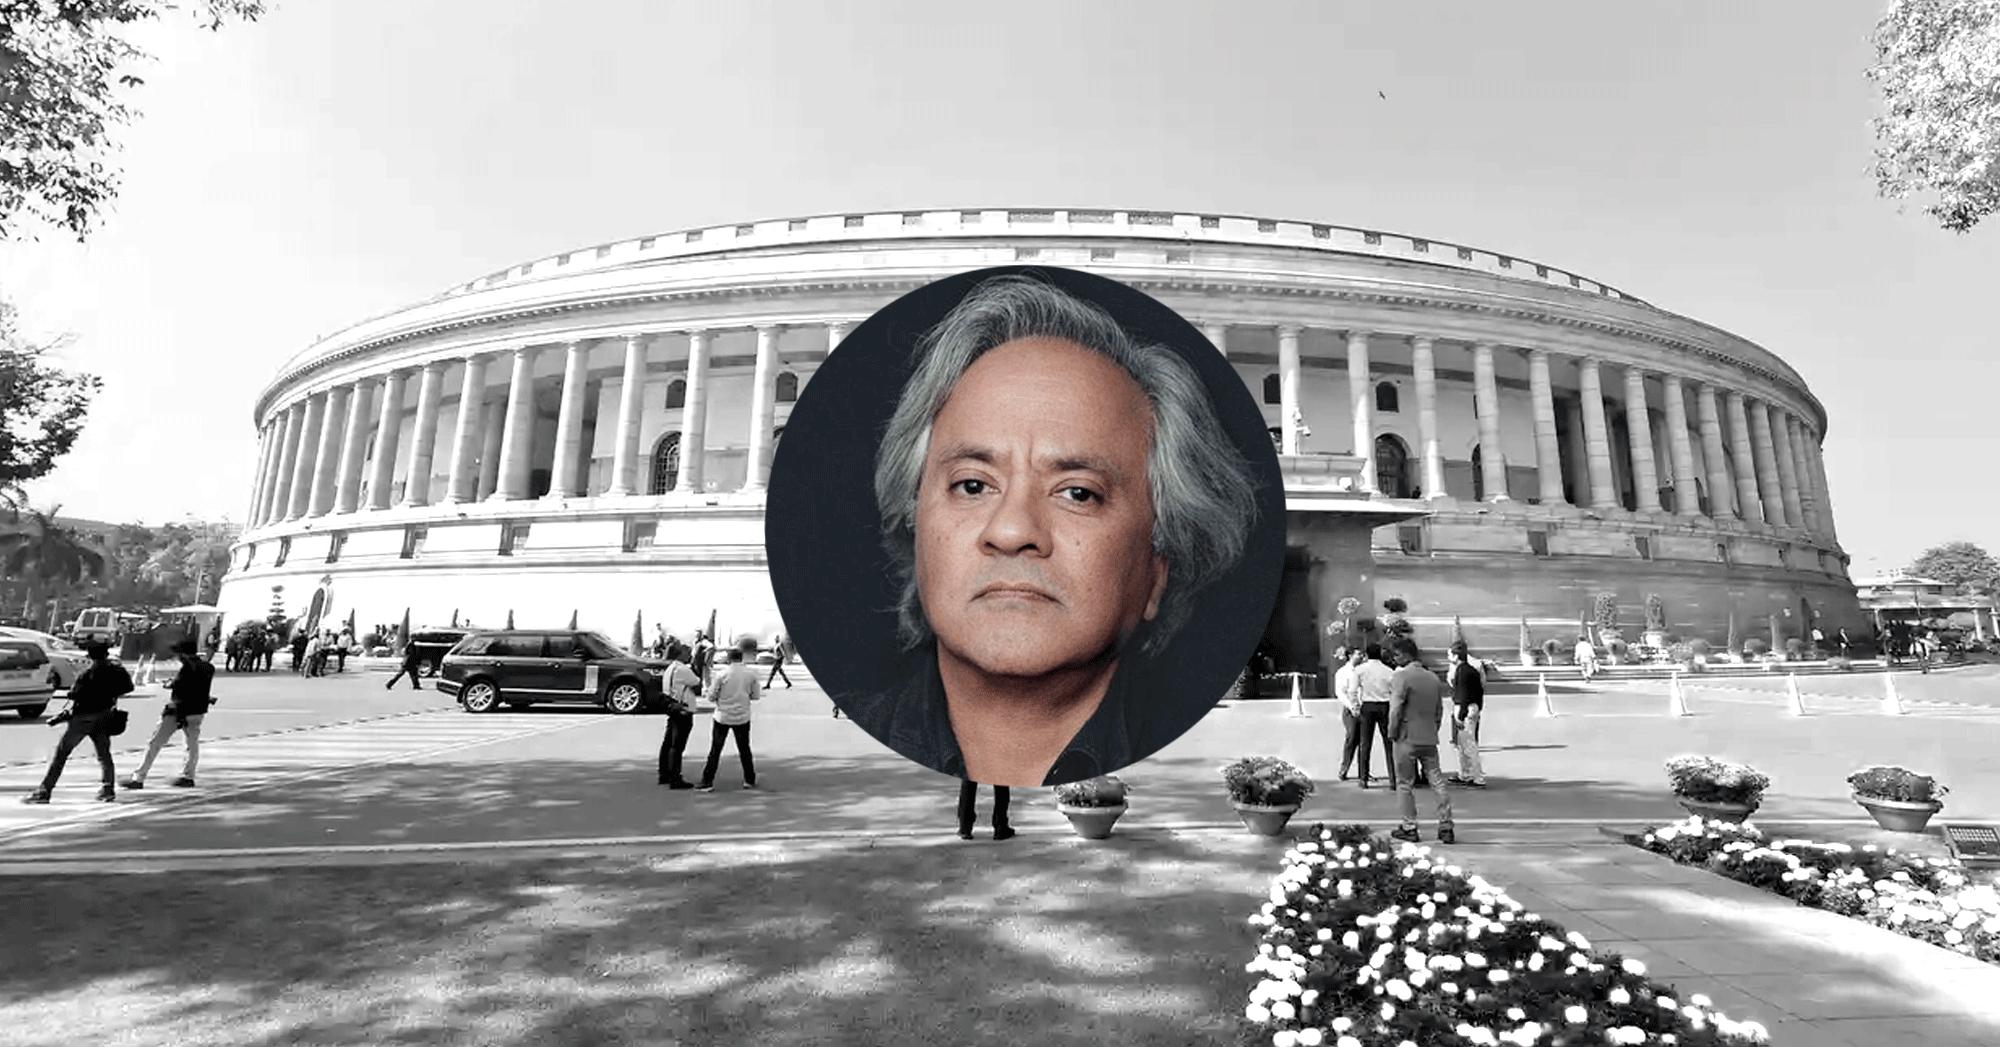 В Індії будівлю парламенту хочуть зруйнувати бульдозером